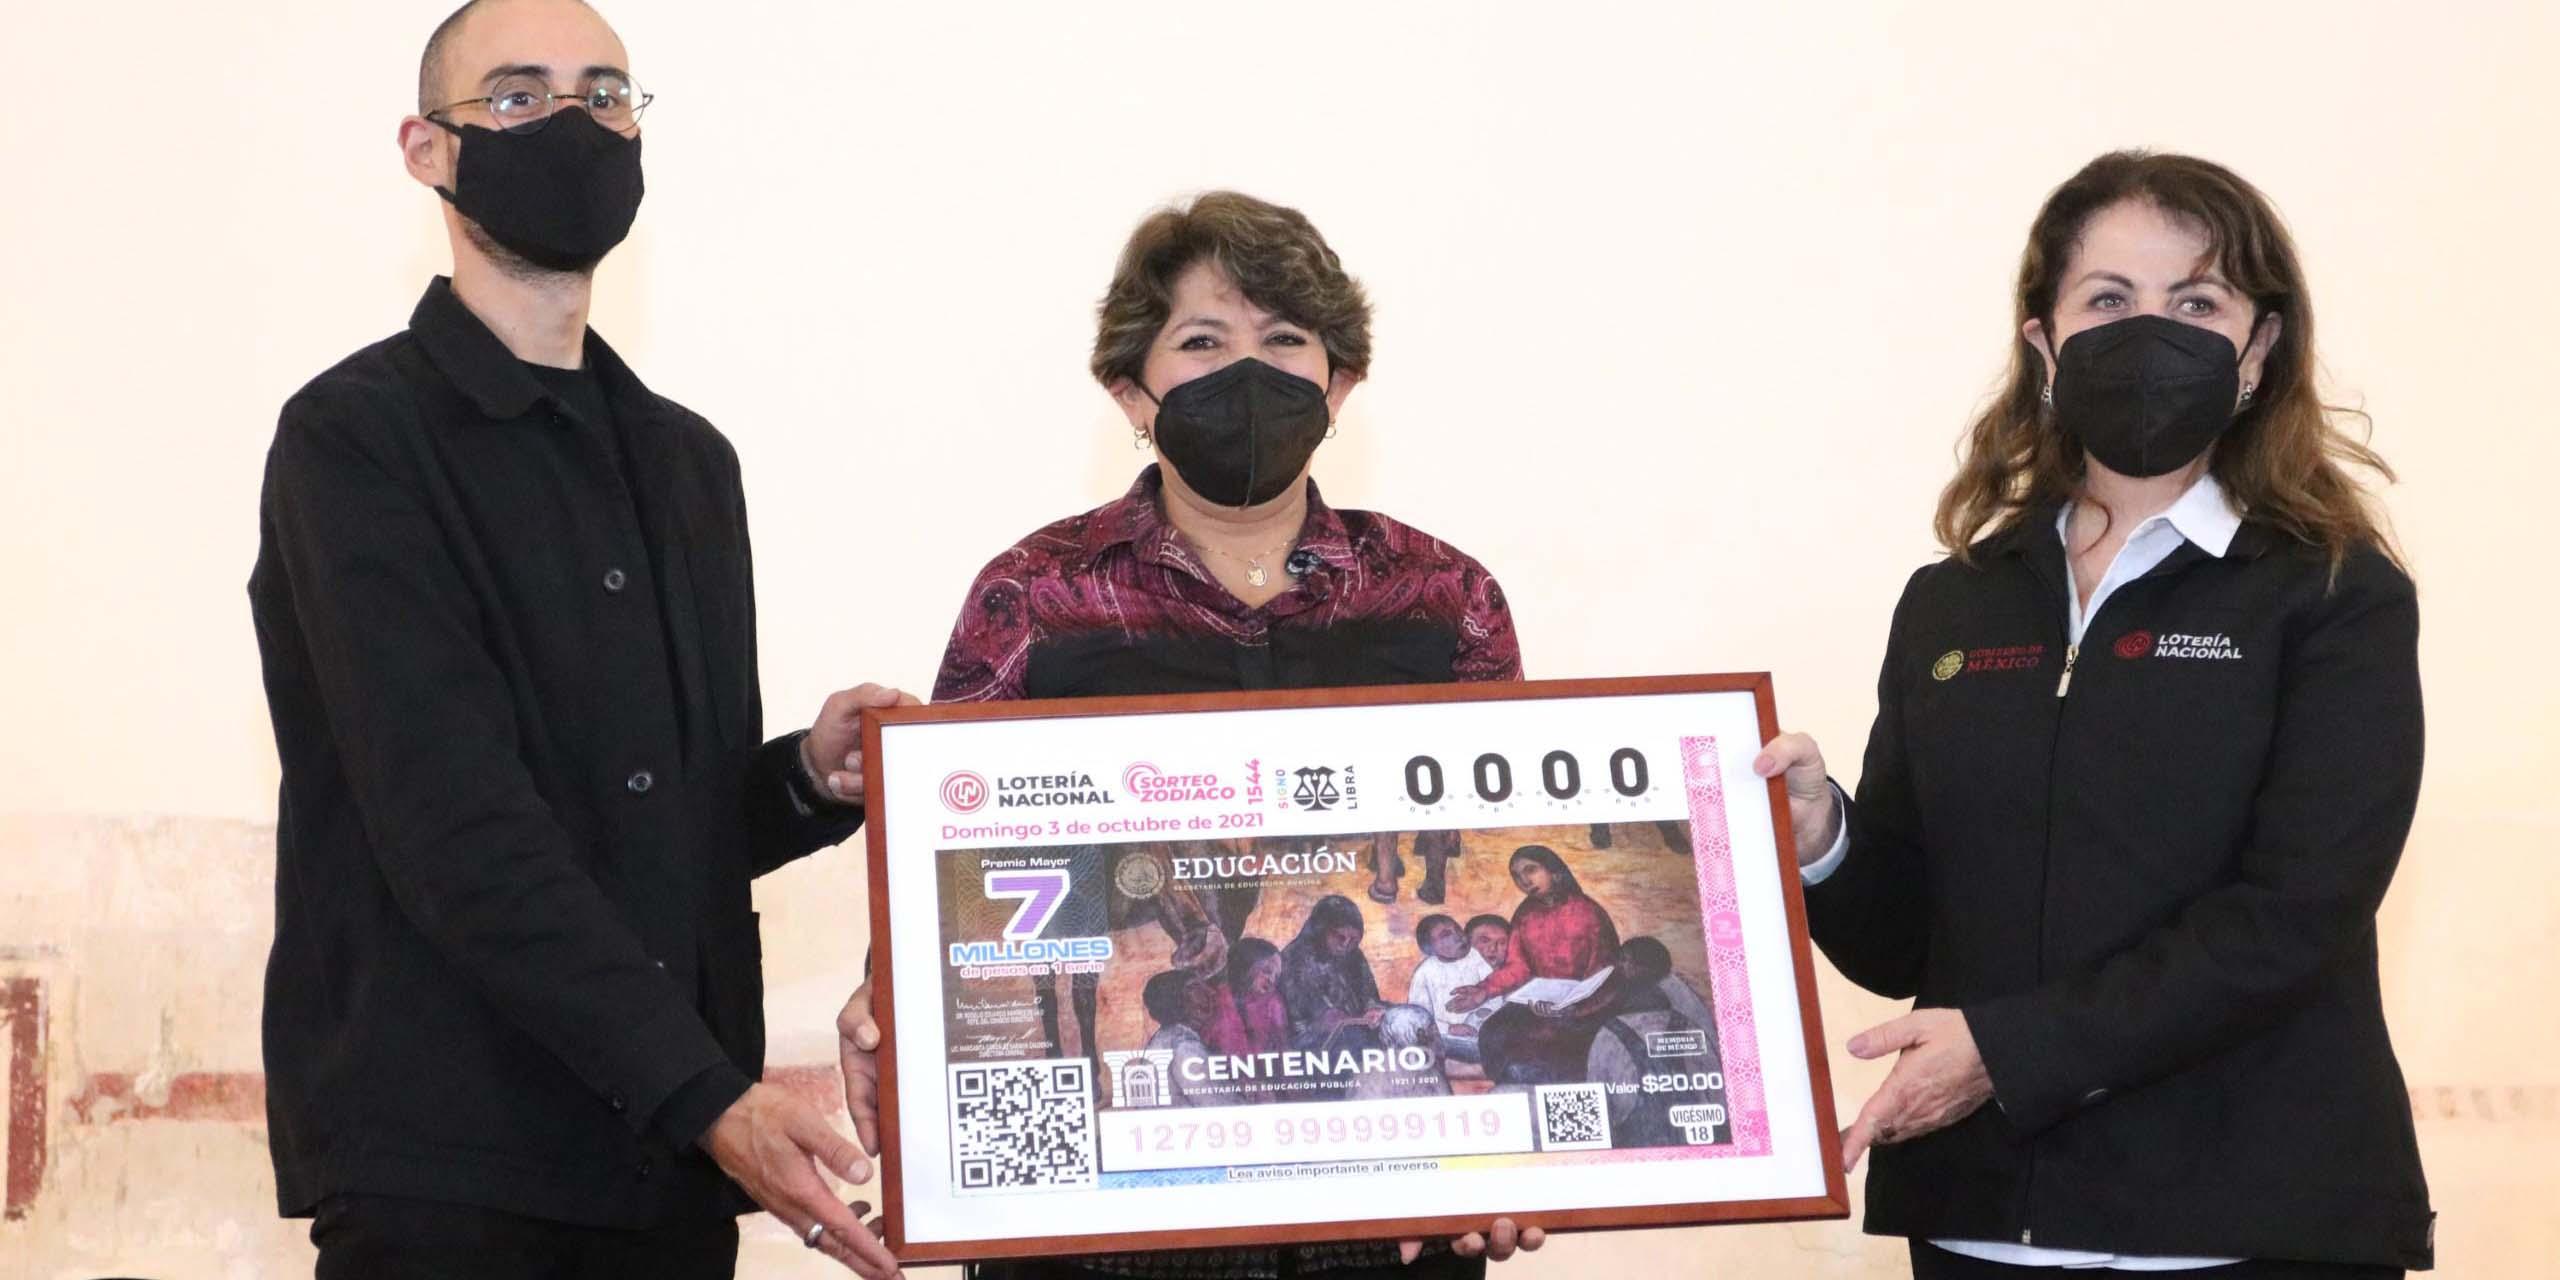 Presentan nuevo billete de lotería conmemorativo del Centenario de la Fundación de la SEP | El Imparcial de Oaxaca